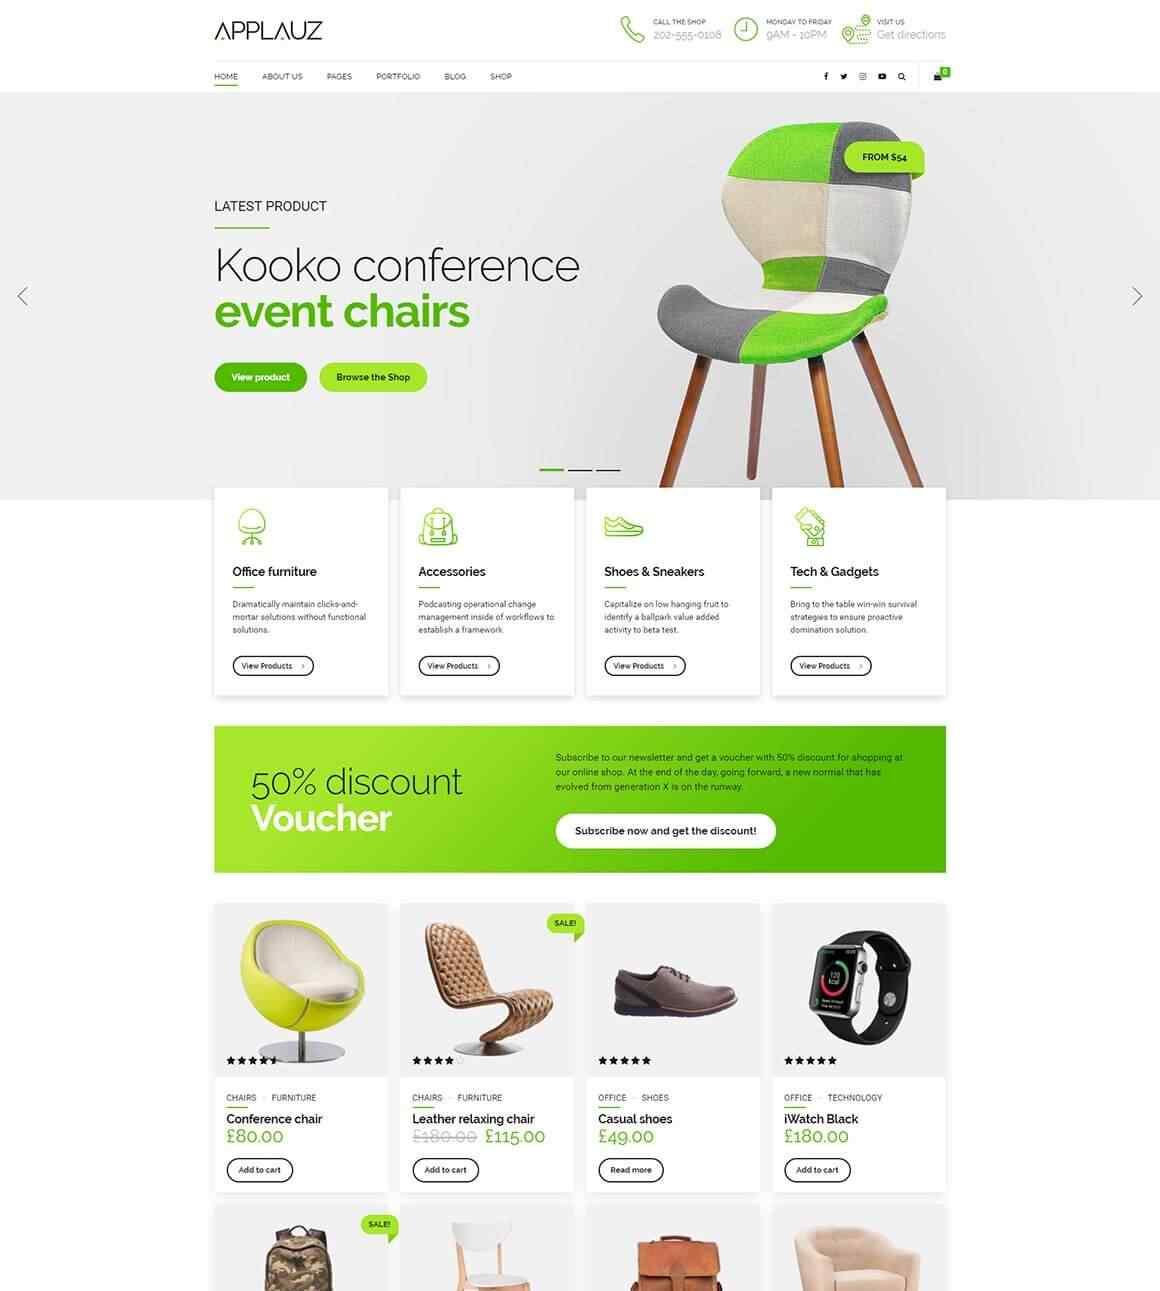 https://dremot.cz/wp-content/uploads/2017/11/Screenshot-Shop.jpg